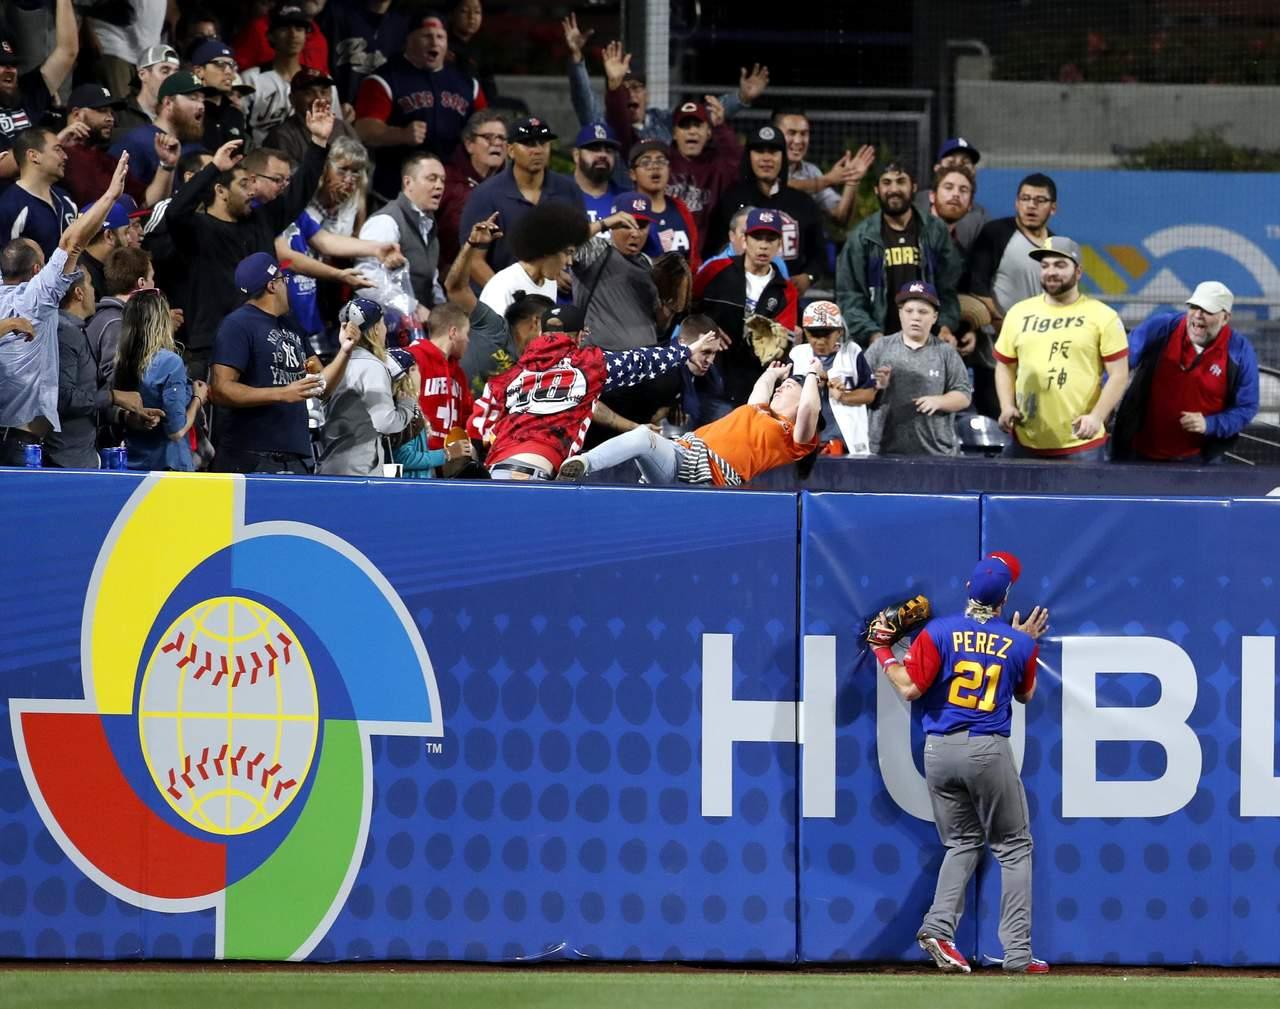 Clásico Mundial de Beisbol cuenta con récord de asistencia